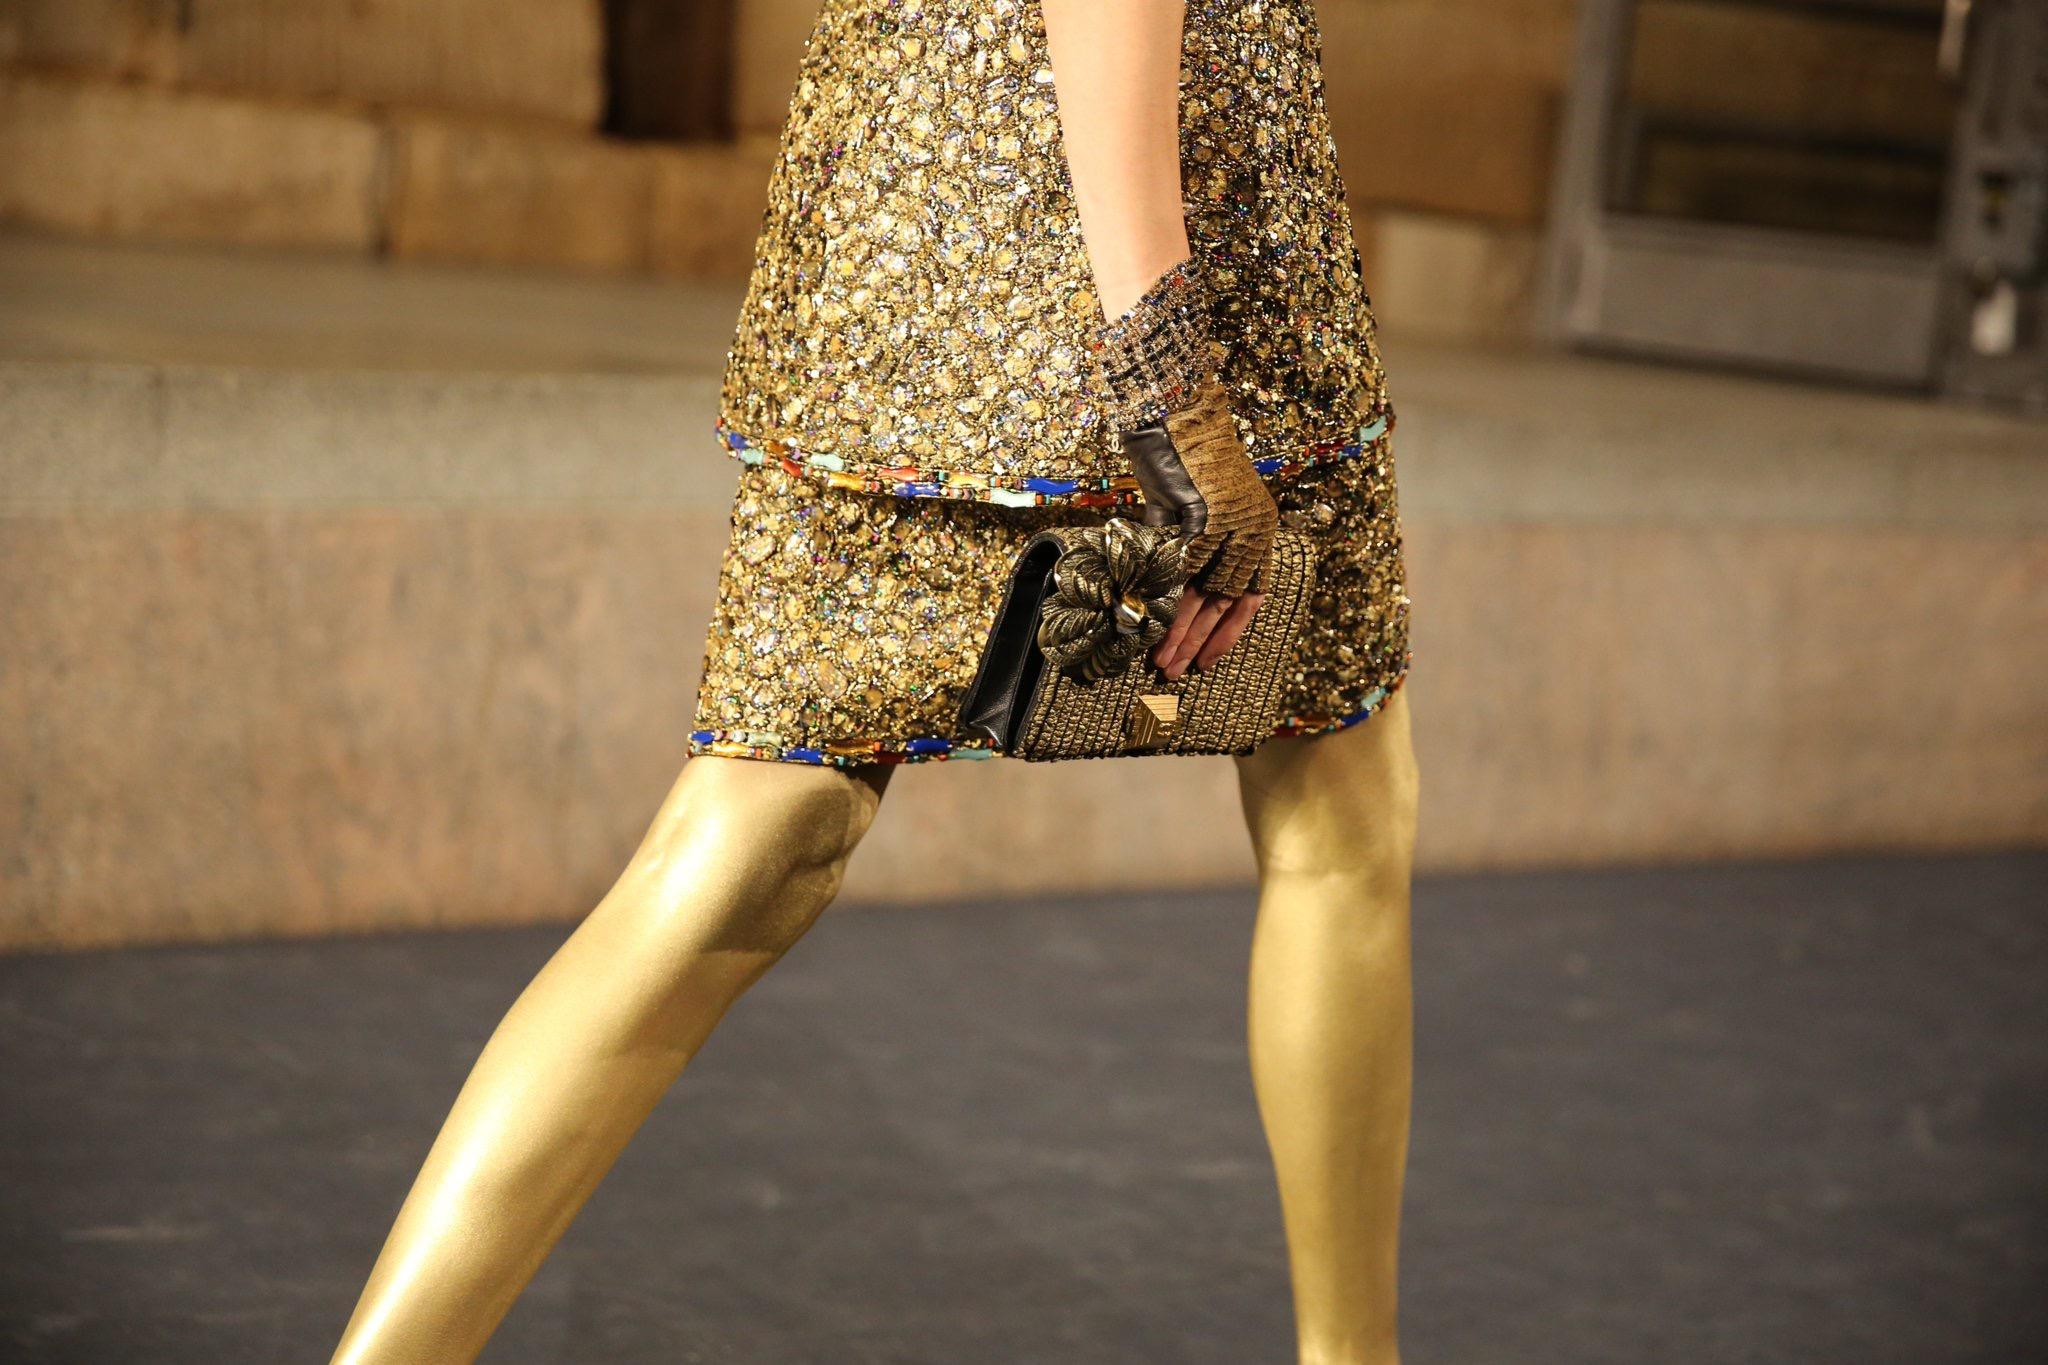 de36433571b CHANEL Métiers d art Paris New York Déclinaisons dorées Esprit de Gabrielle  espritdegabrielle.com